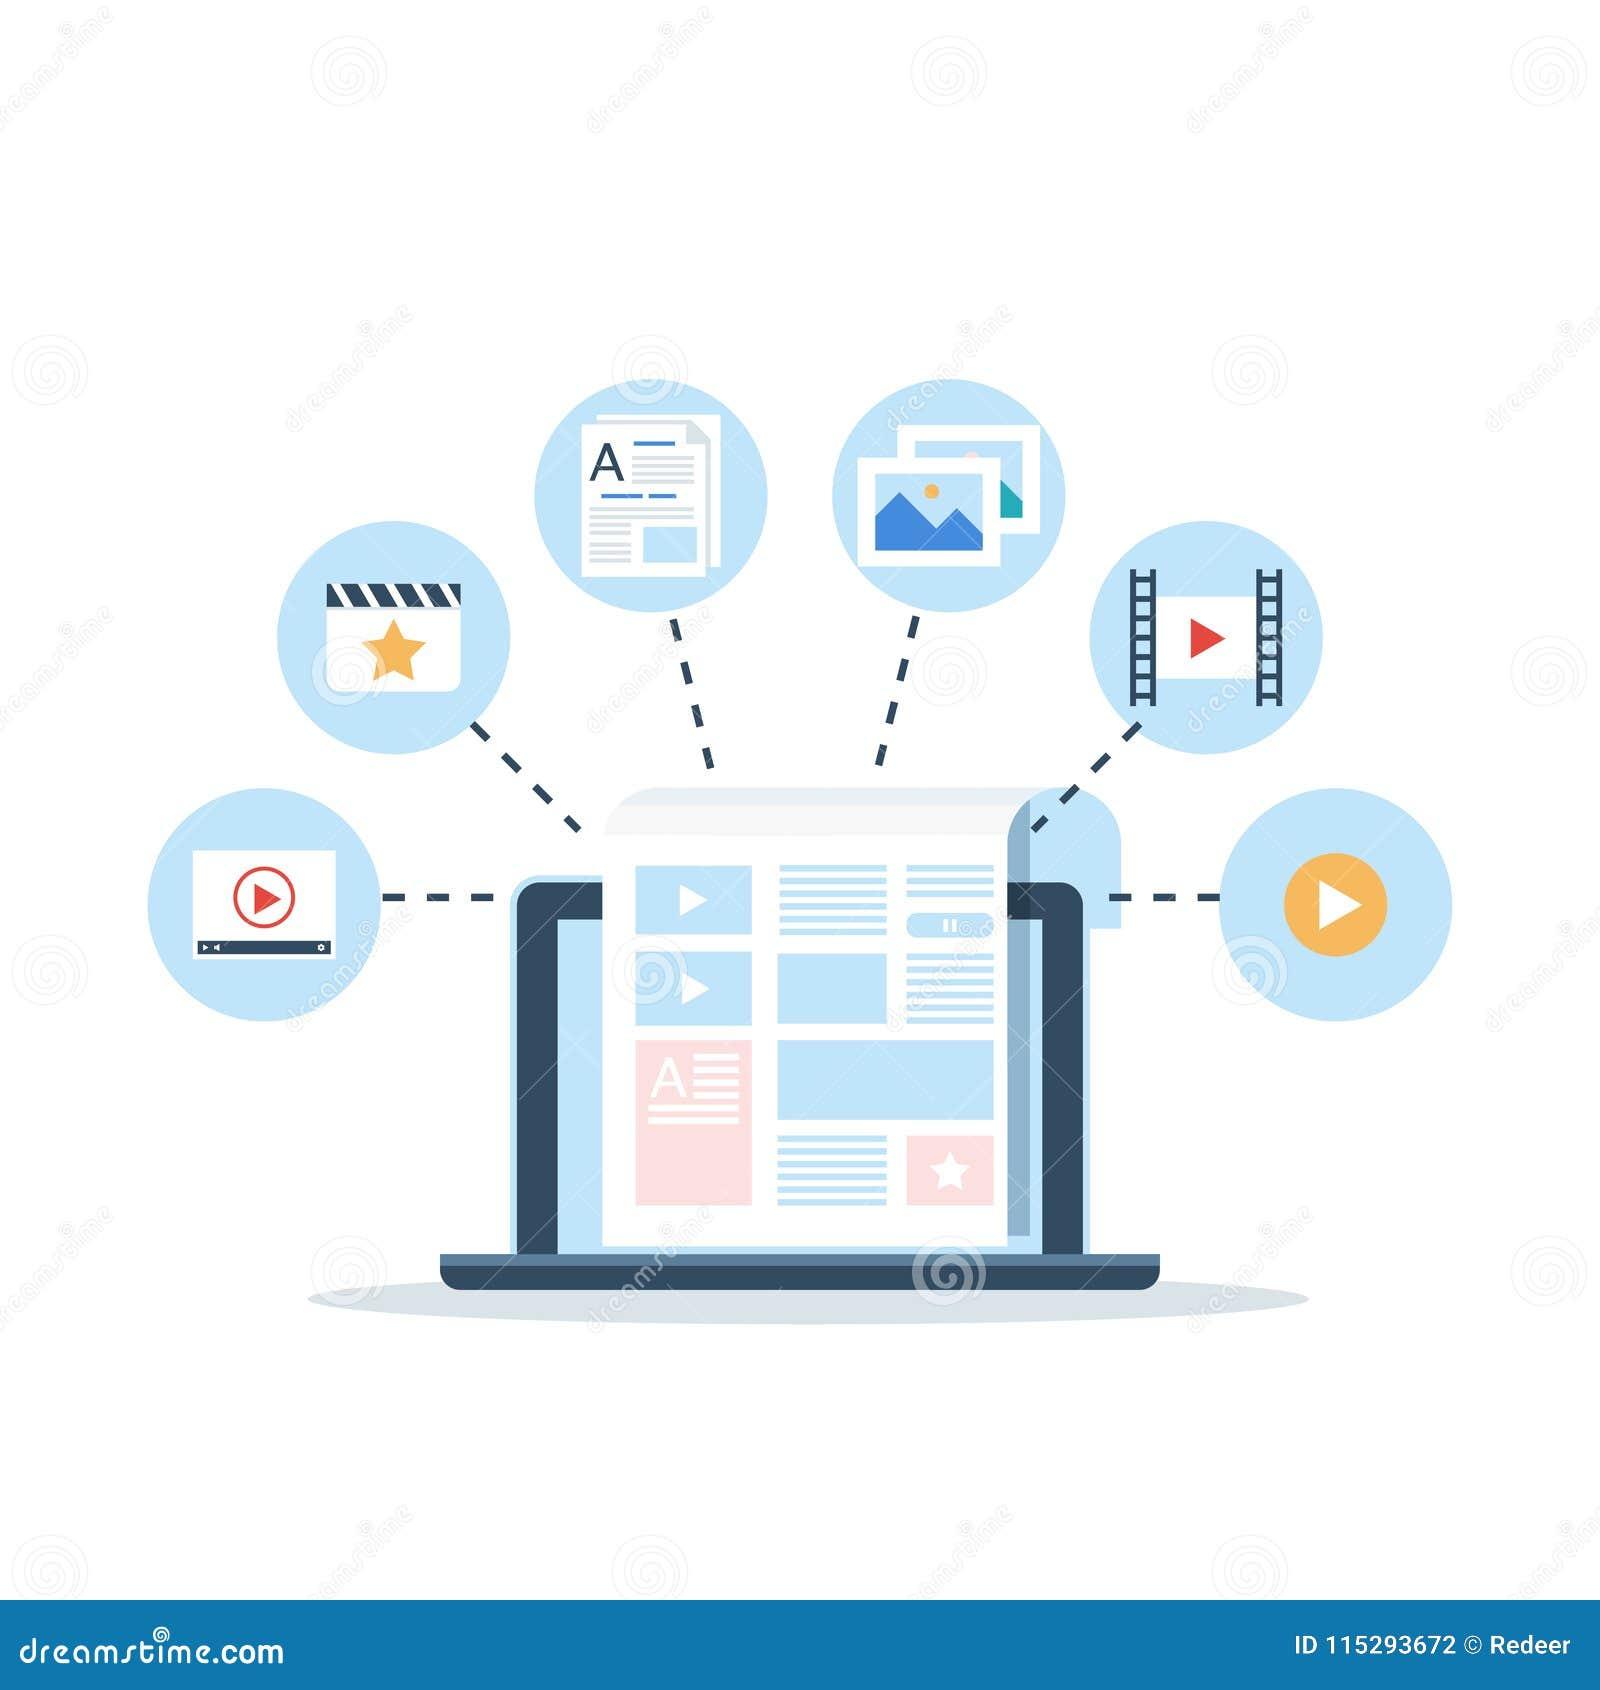 Inhoud Marketing, Blogging en SMM-concept in vlak ontwerp De blogpagina vult met inhoud in artikelen en media